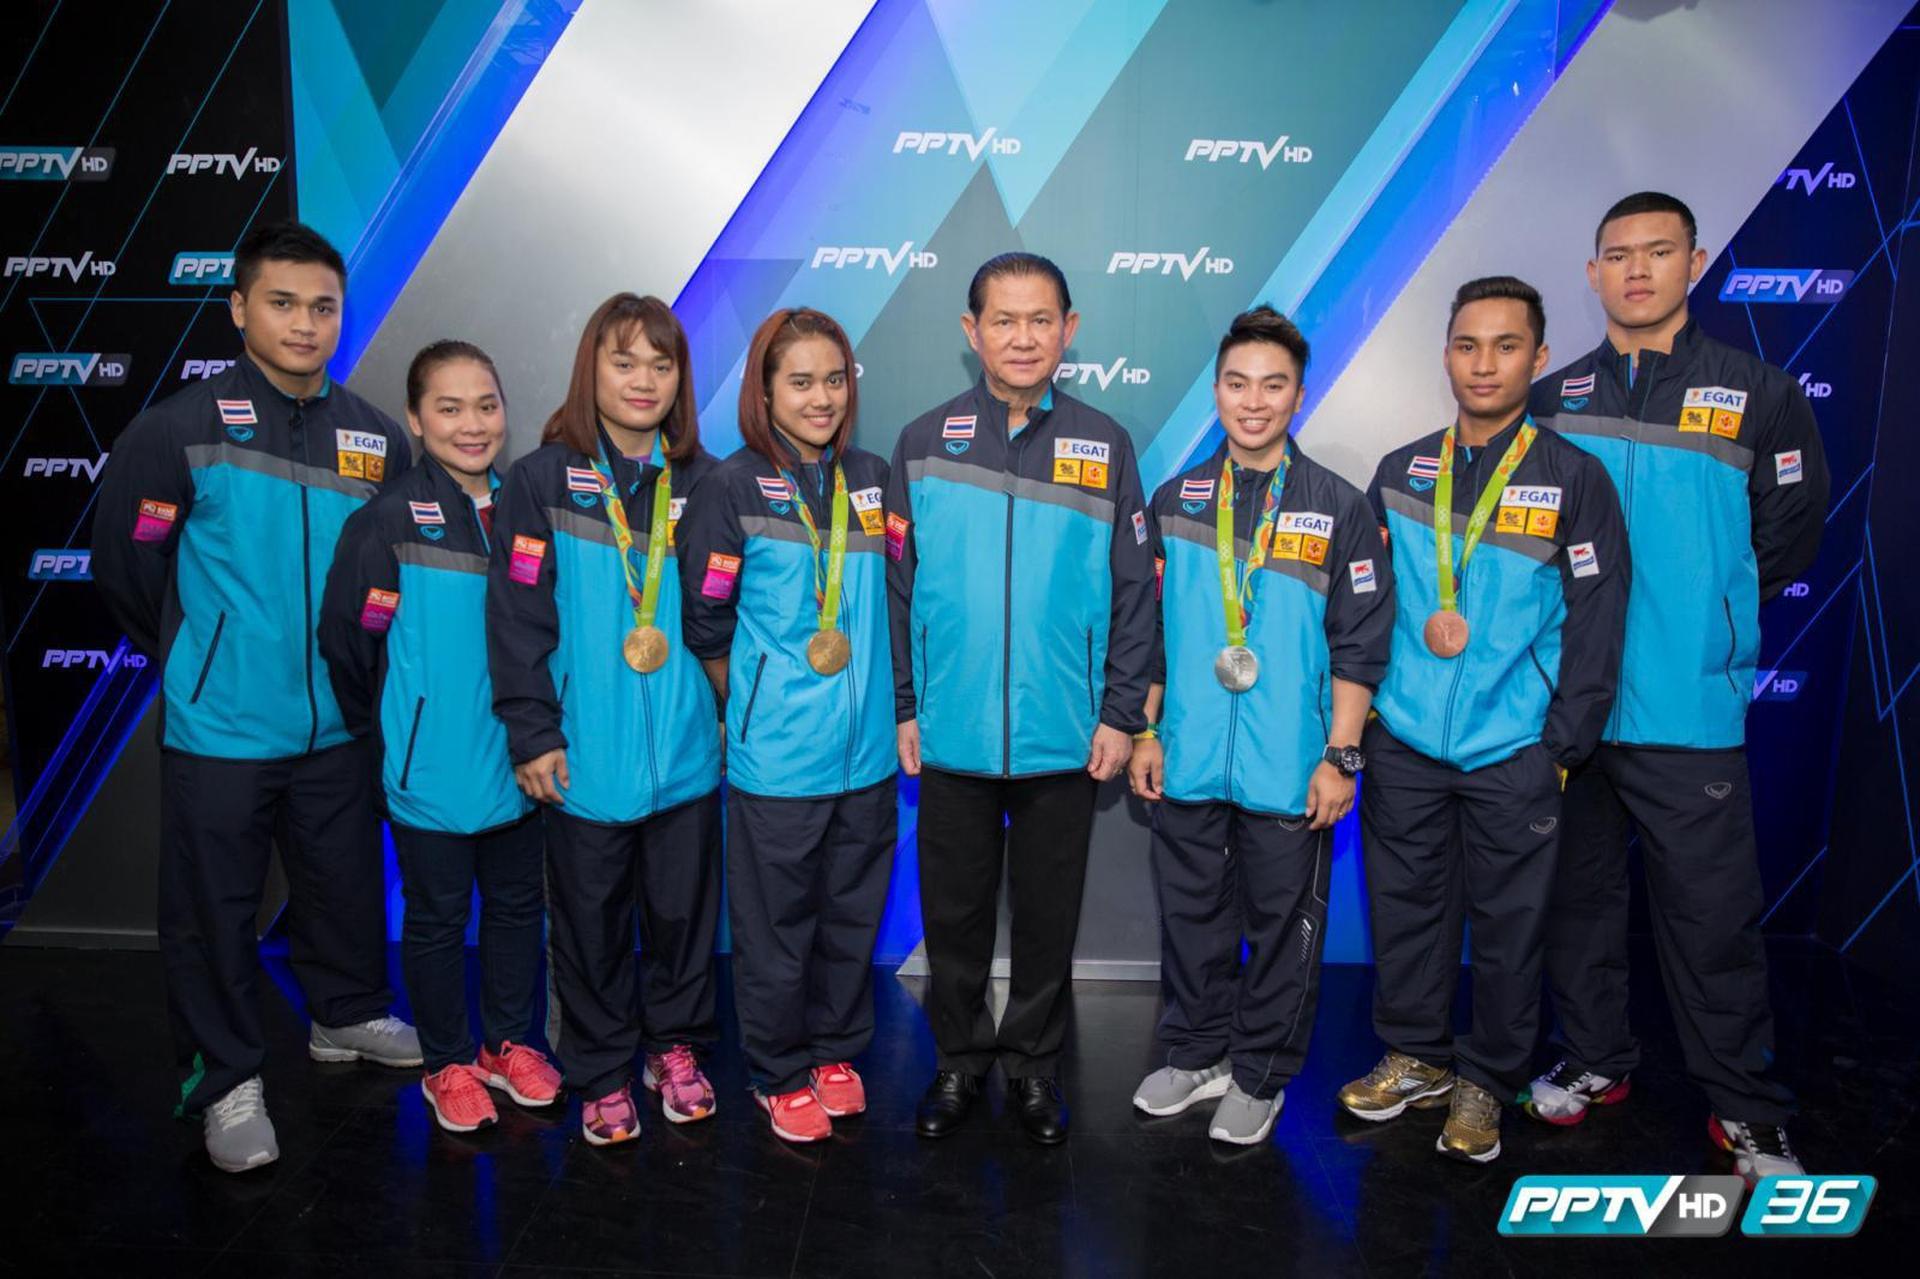 ทัพนักยกลูกเหล็กทีมชาติไทย เดินทางเยือนสถานีโทรทัศน์ PPTV HD 36 หลังคว้า 4 เหรียญจาก ริโอเกมส์ 2016